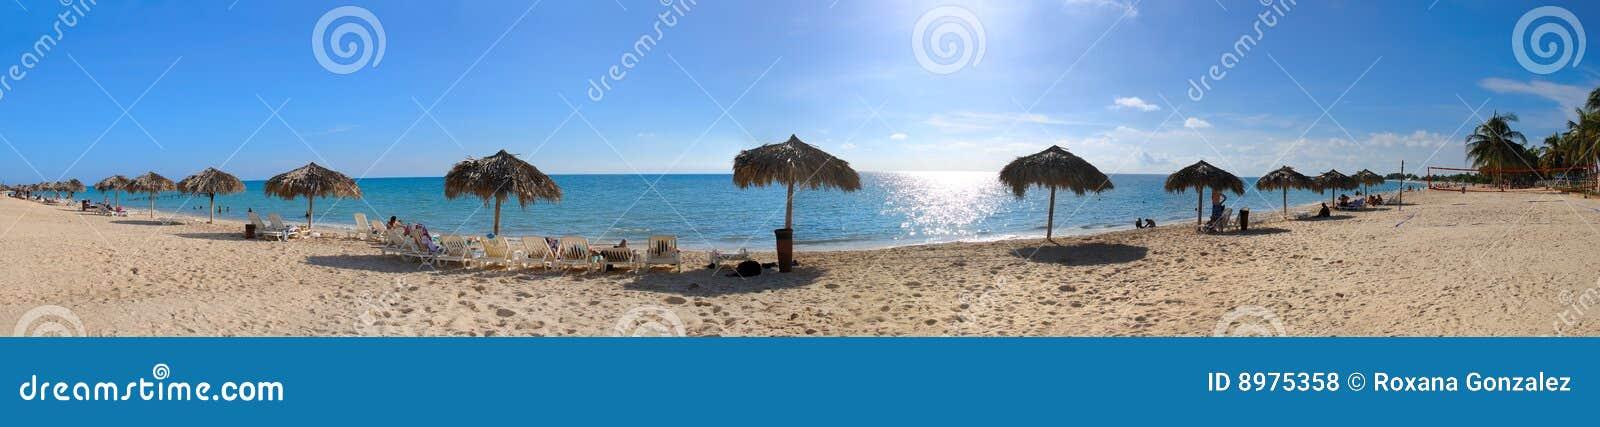 Plażowy kubański tropikalny